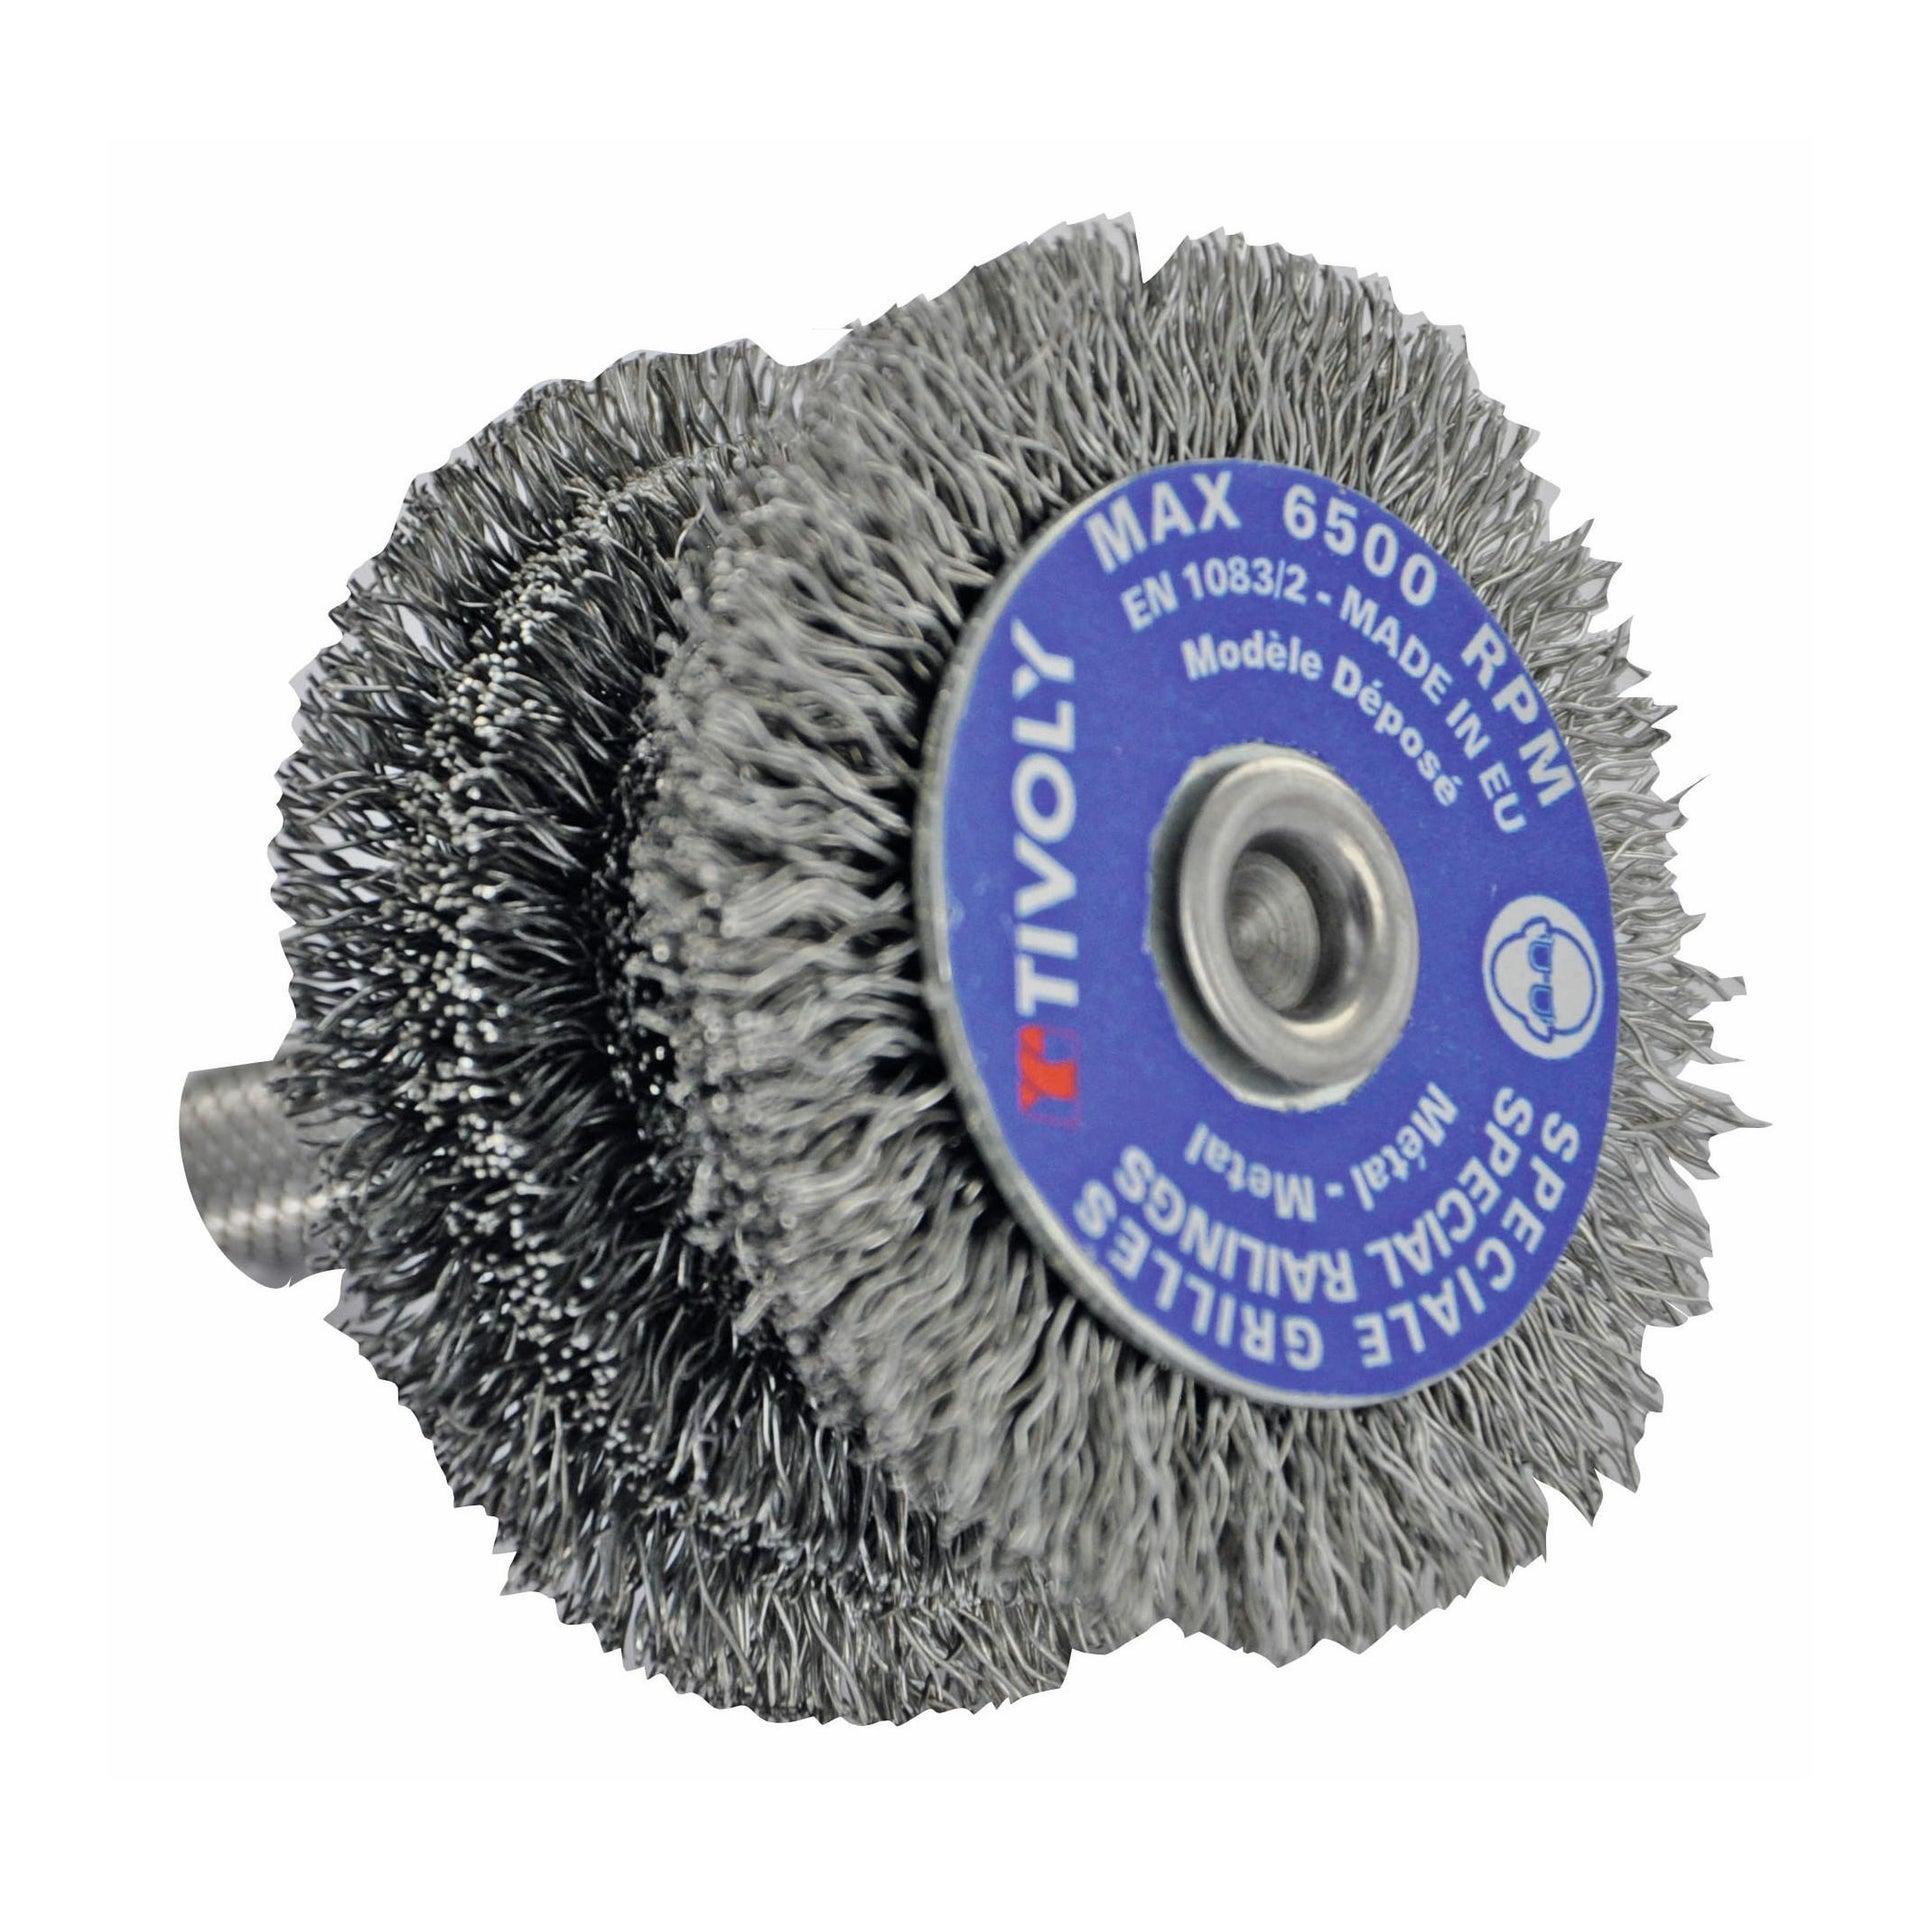 Spazzola per trapano TIVOLY in acciaio Ø 60 mm